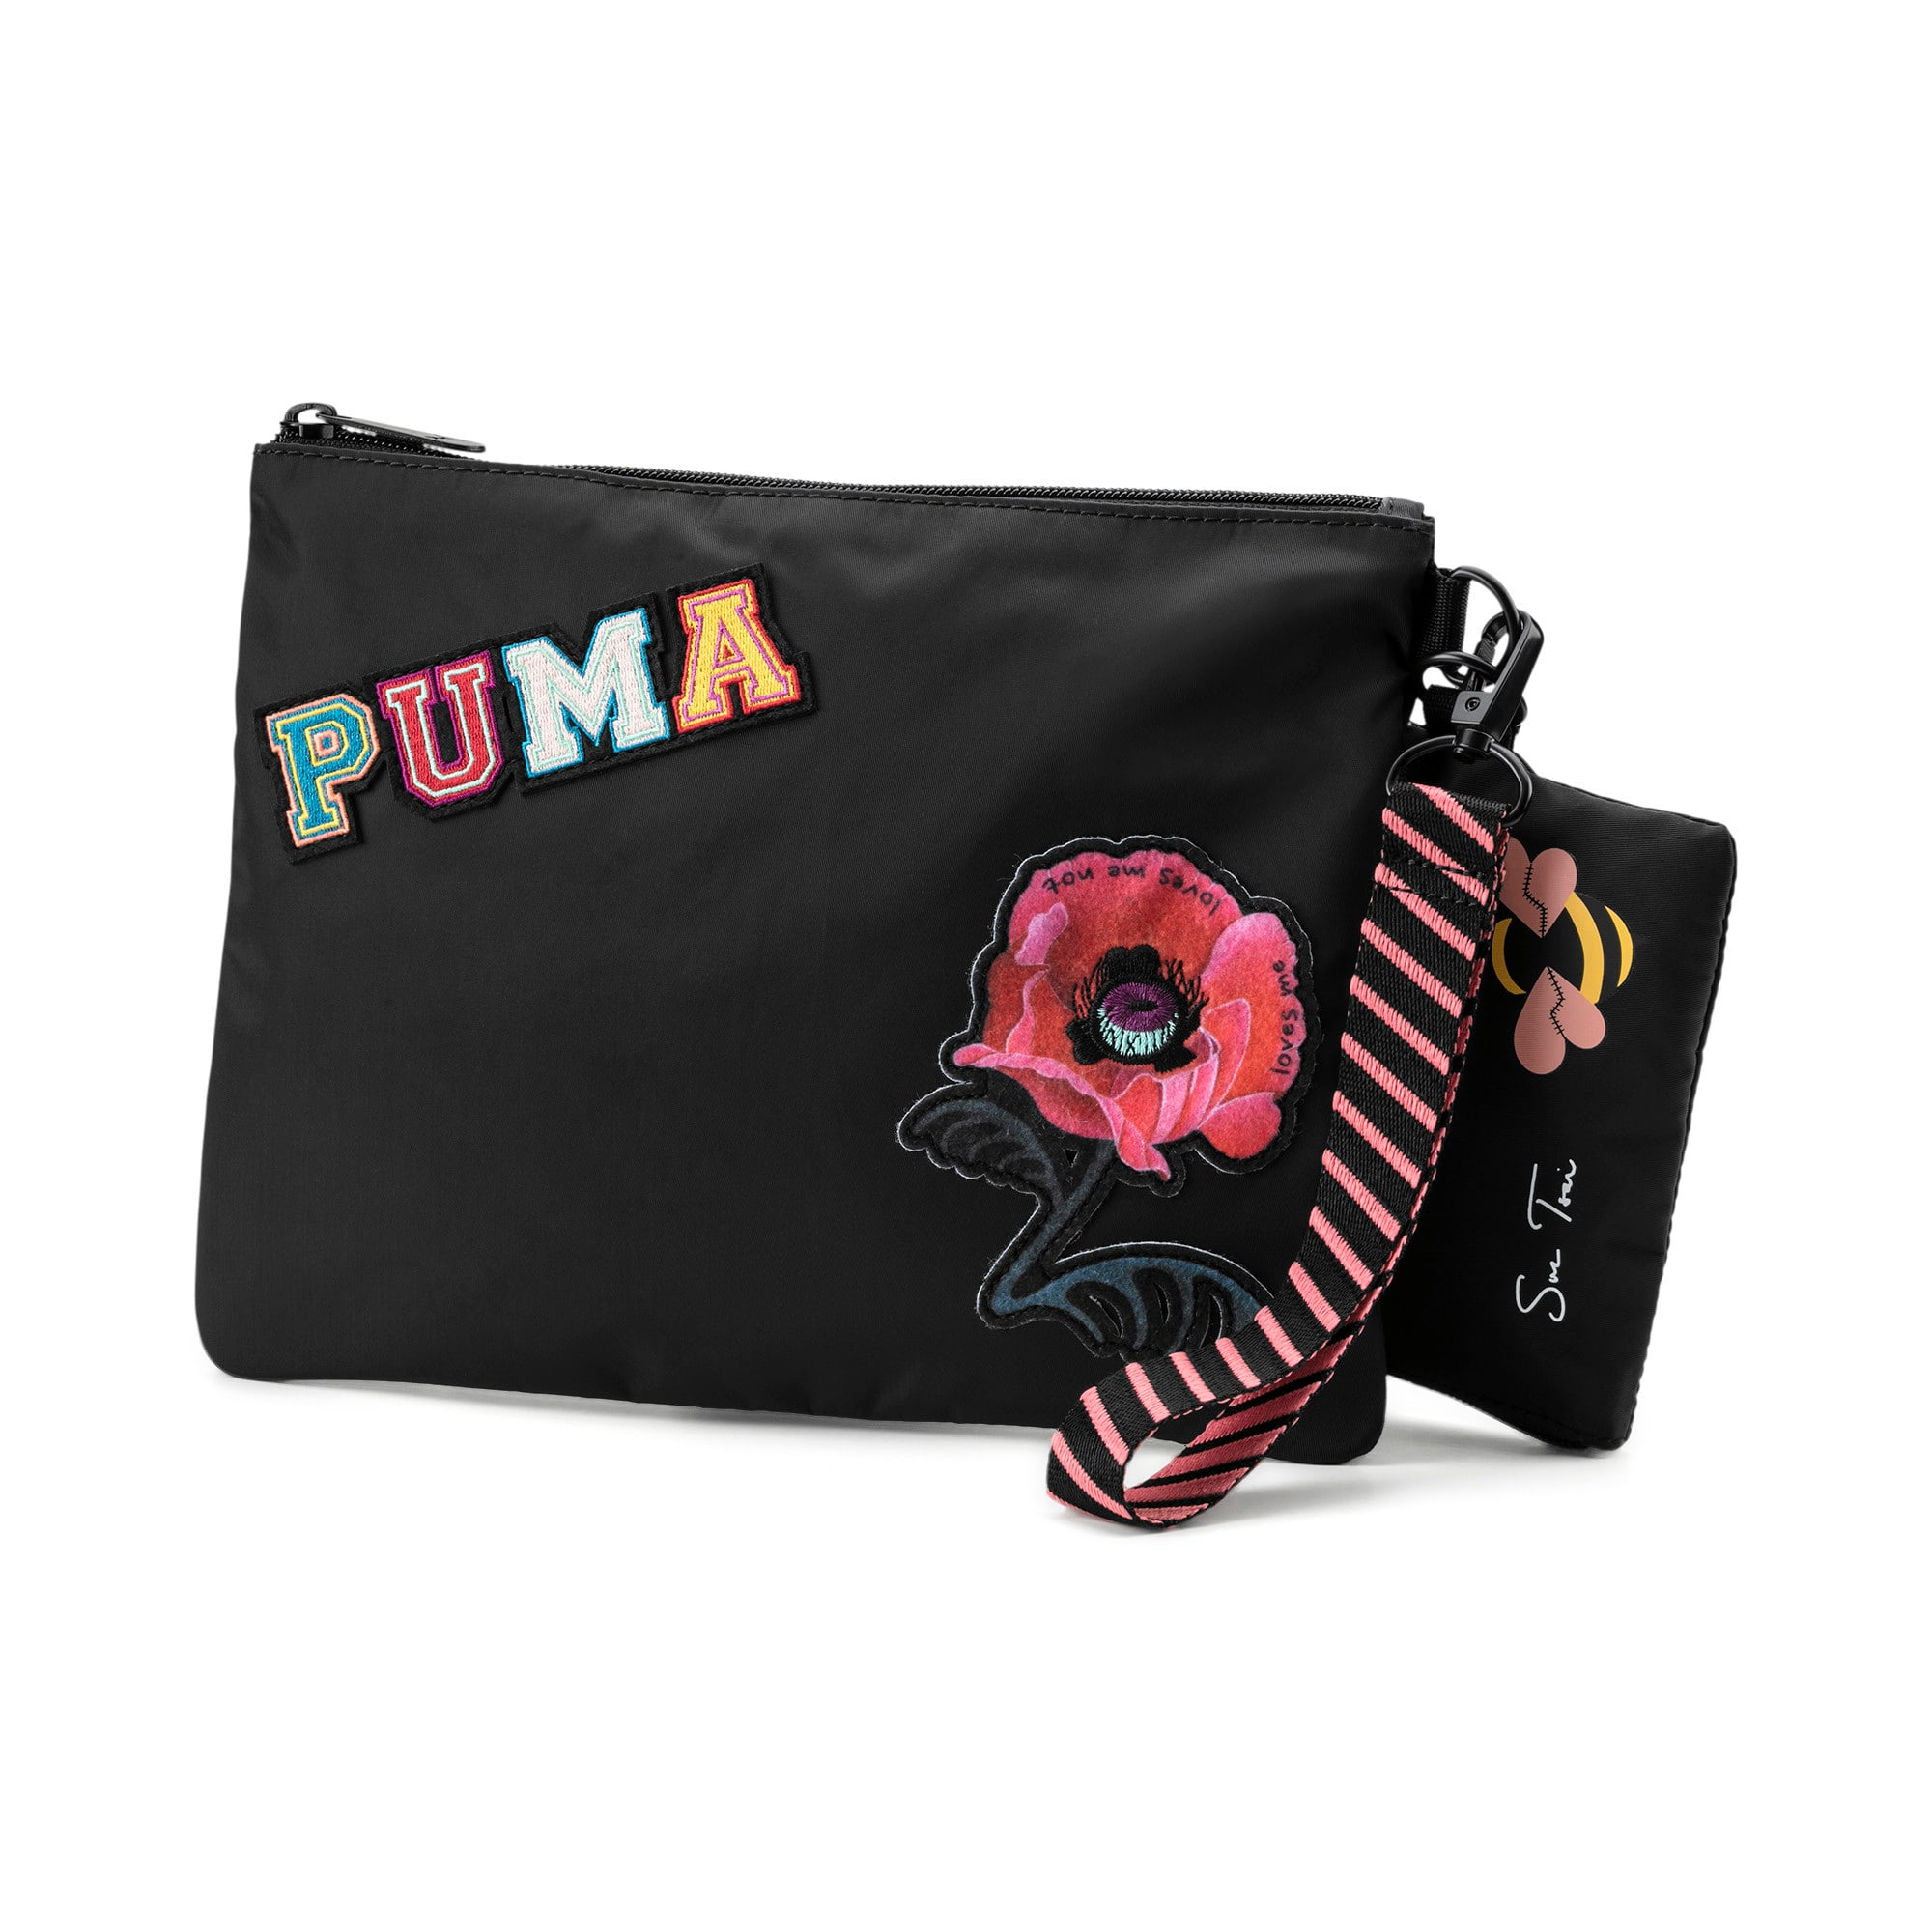 Thumbnail 1 of Sac PUMA x SUE TSAI pour femme, Puma Black, medium